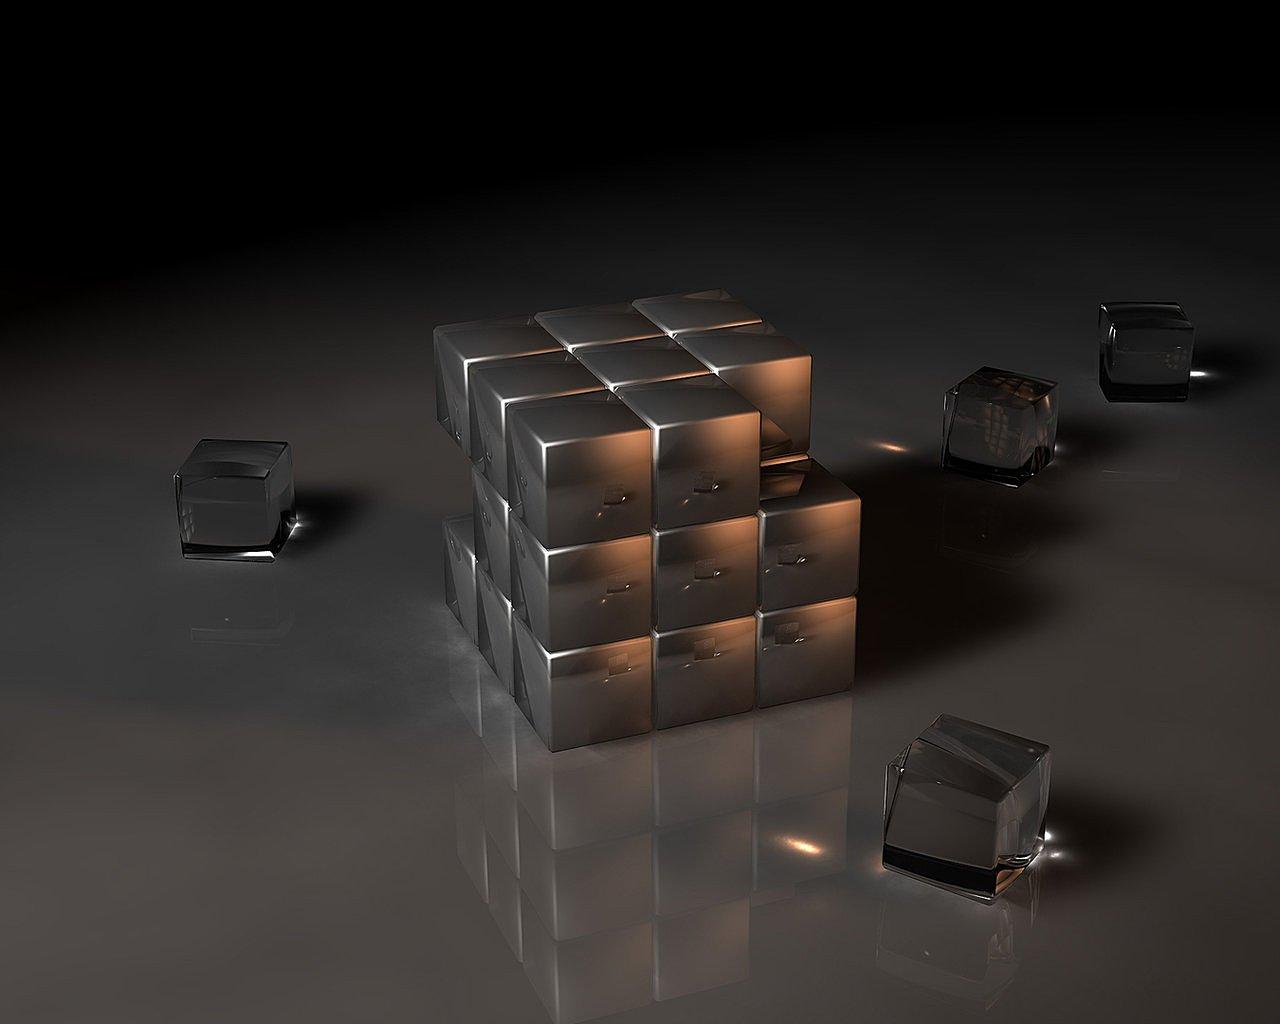 hd обои для рабочего стола куба № 720567 бесплатно